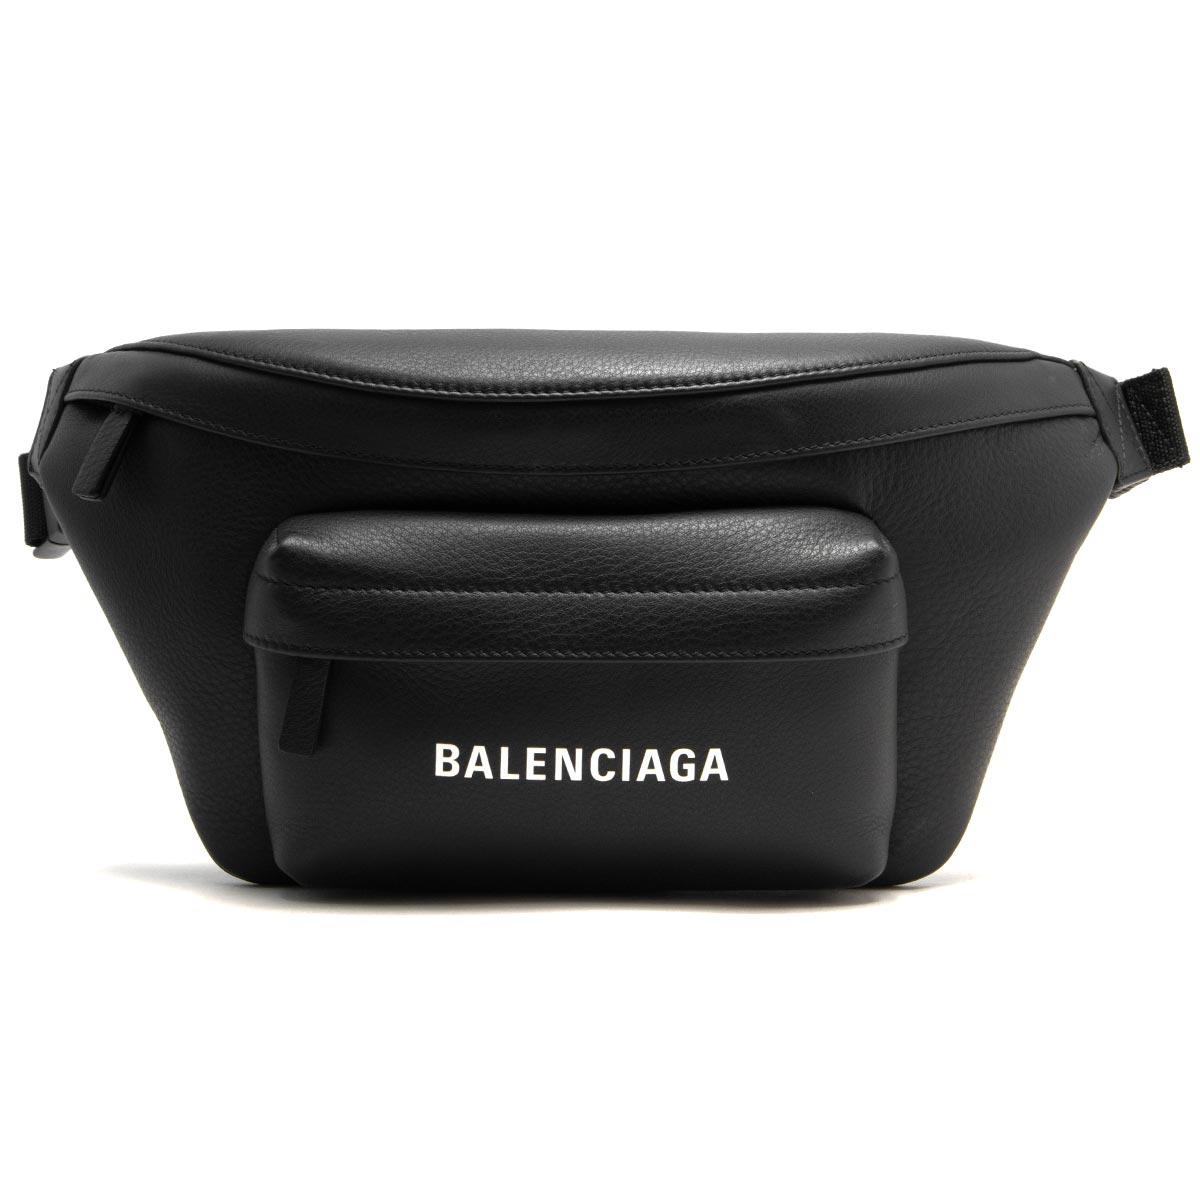 バレンシアガ ベルトバッグ/ボディバッグ/ウエストバッグ バッグ メンズ レディース エブリディ ベルトパック ブラック 552375 DLQ4N 1000 2019年春夏新作 BALENCIAGA